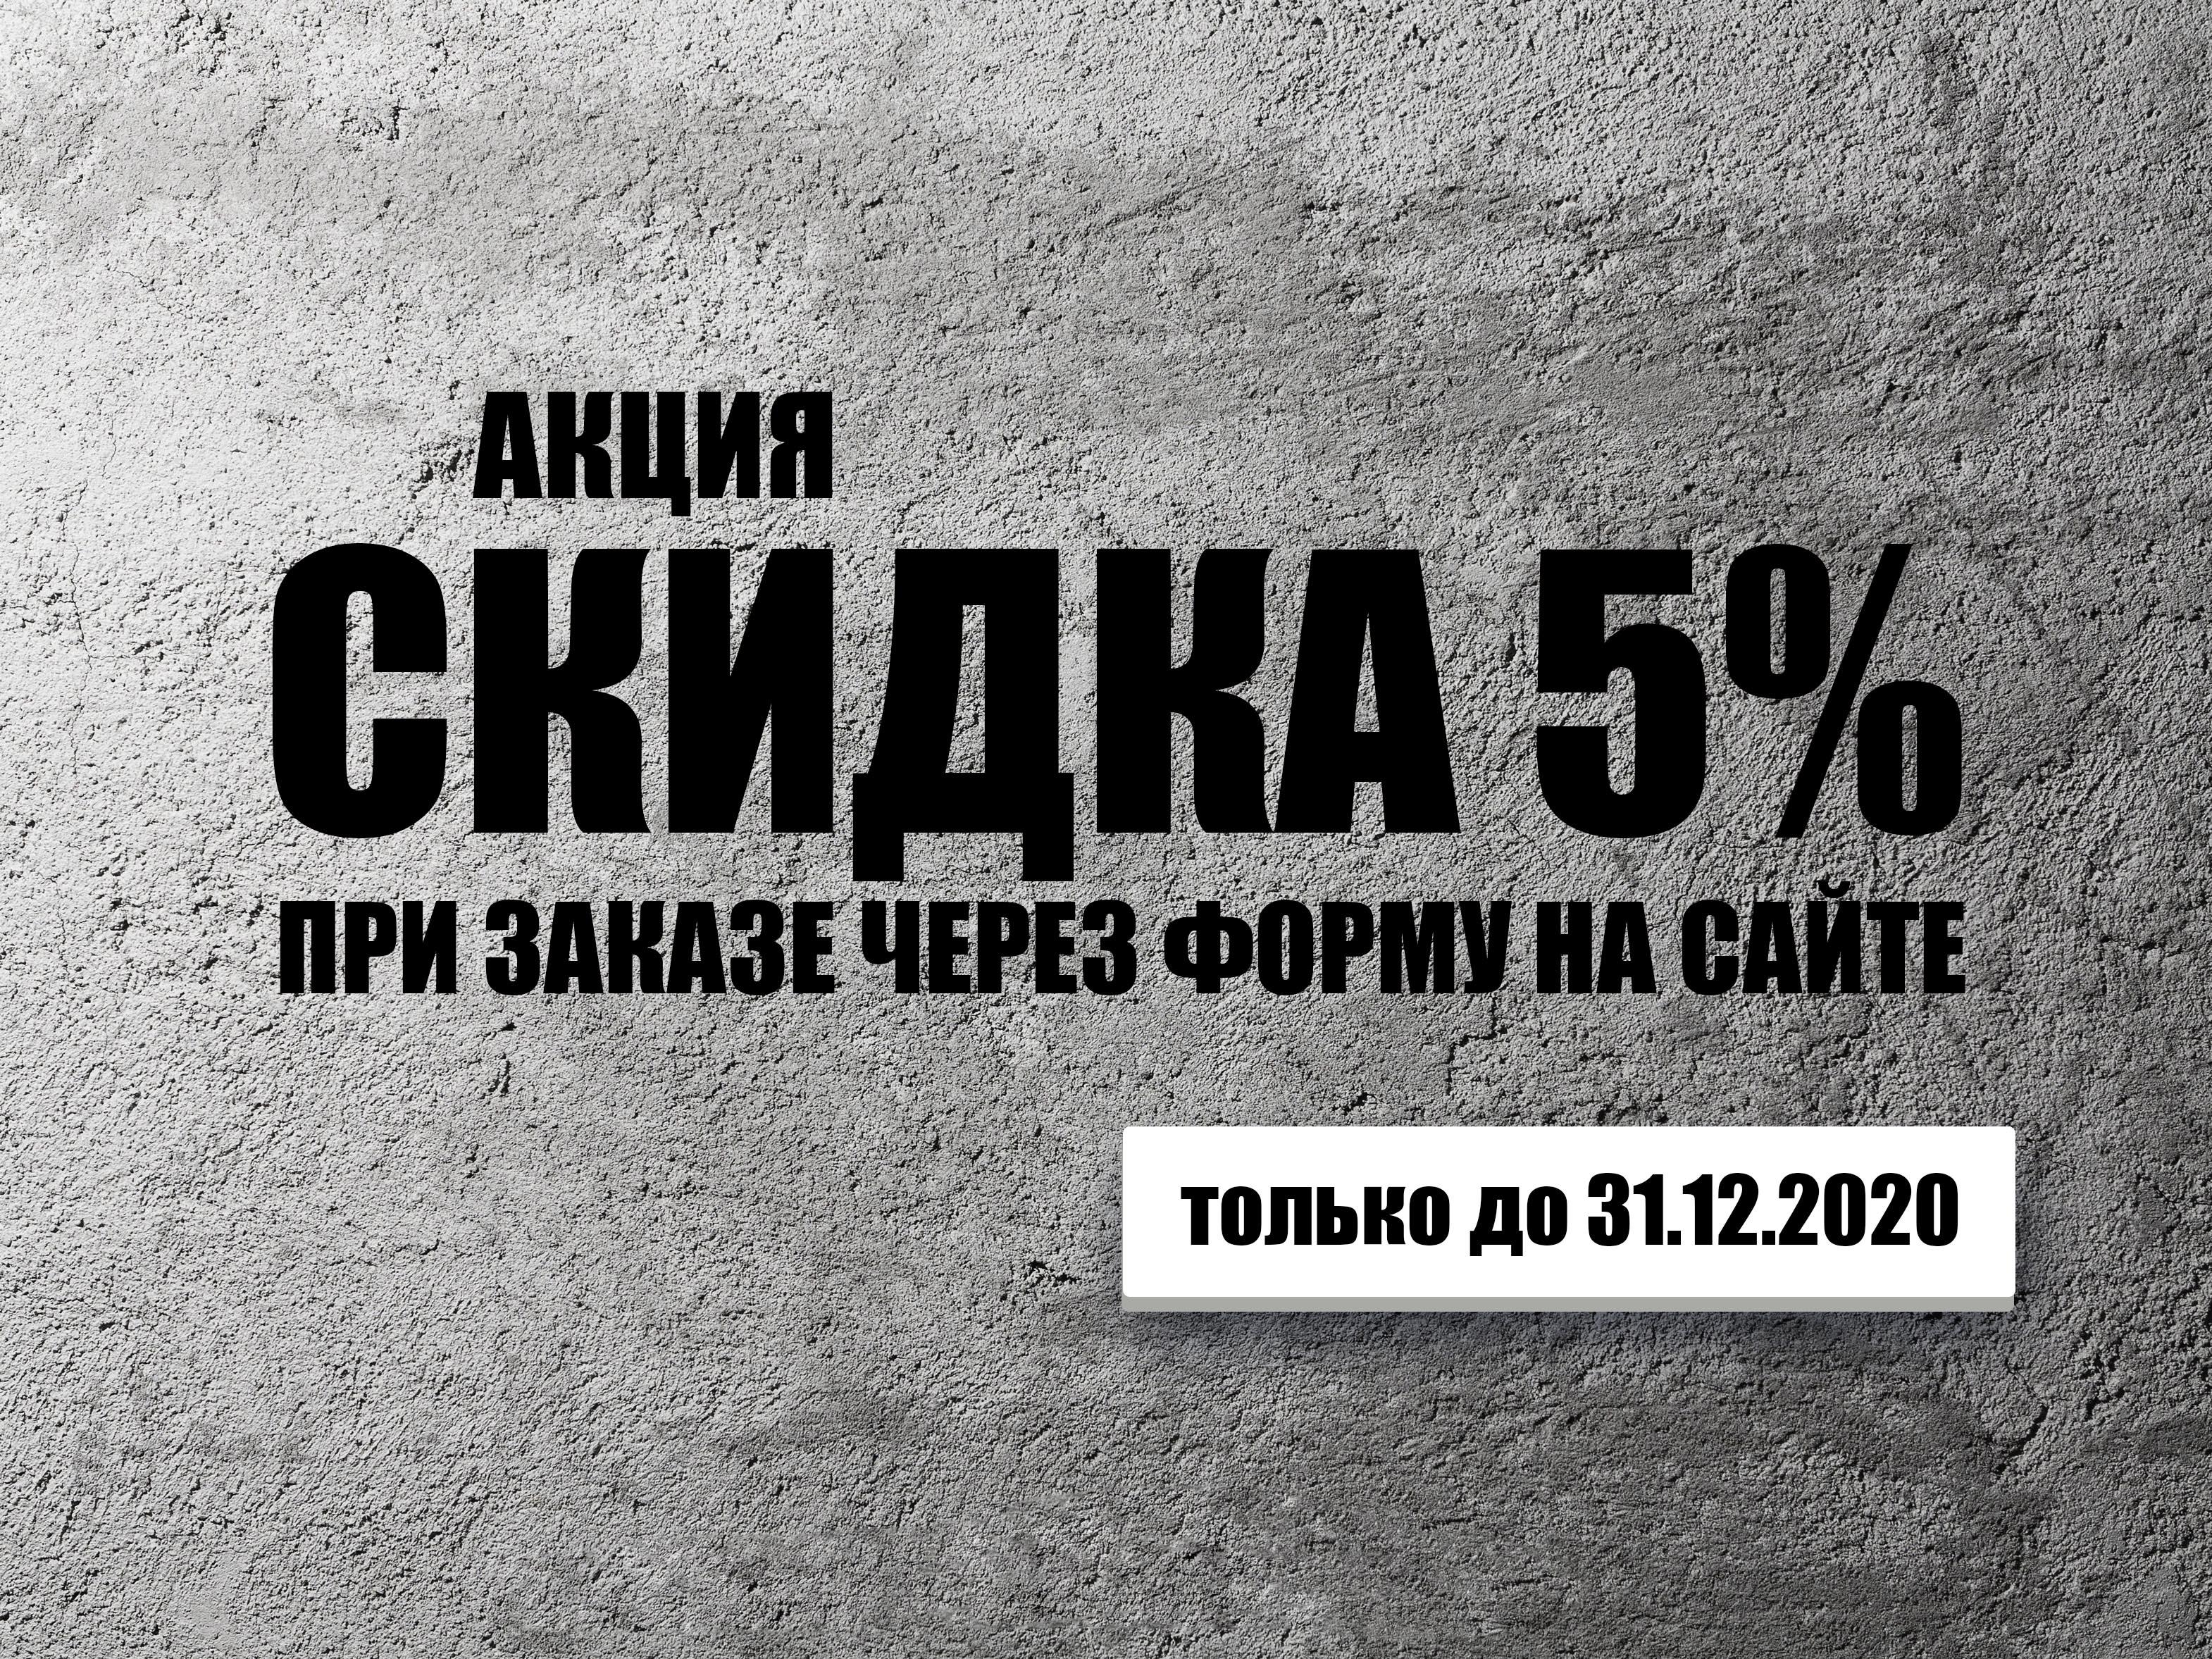 Скидка 5% до 31.12.2020 – Спешите!